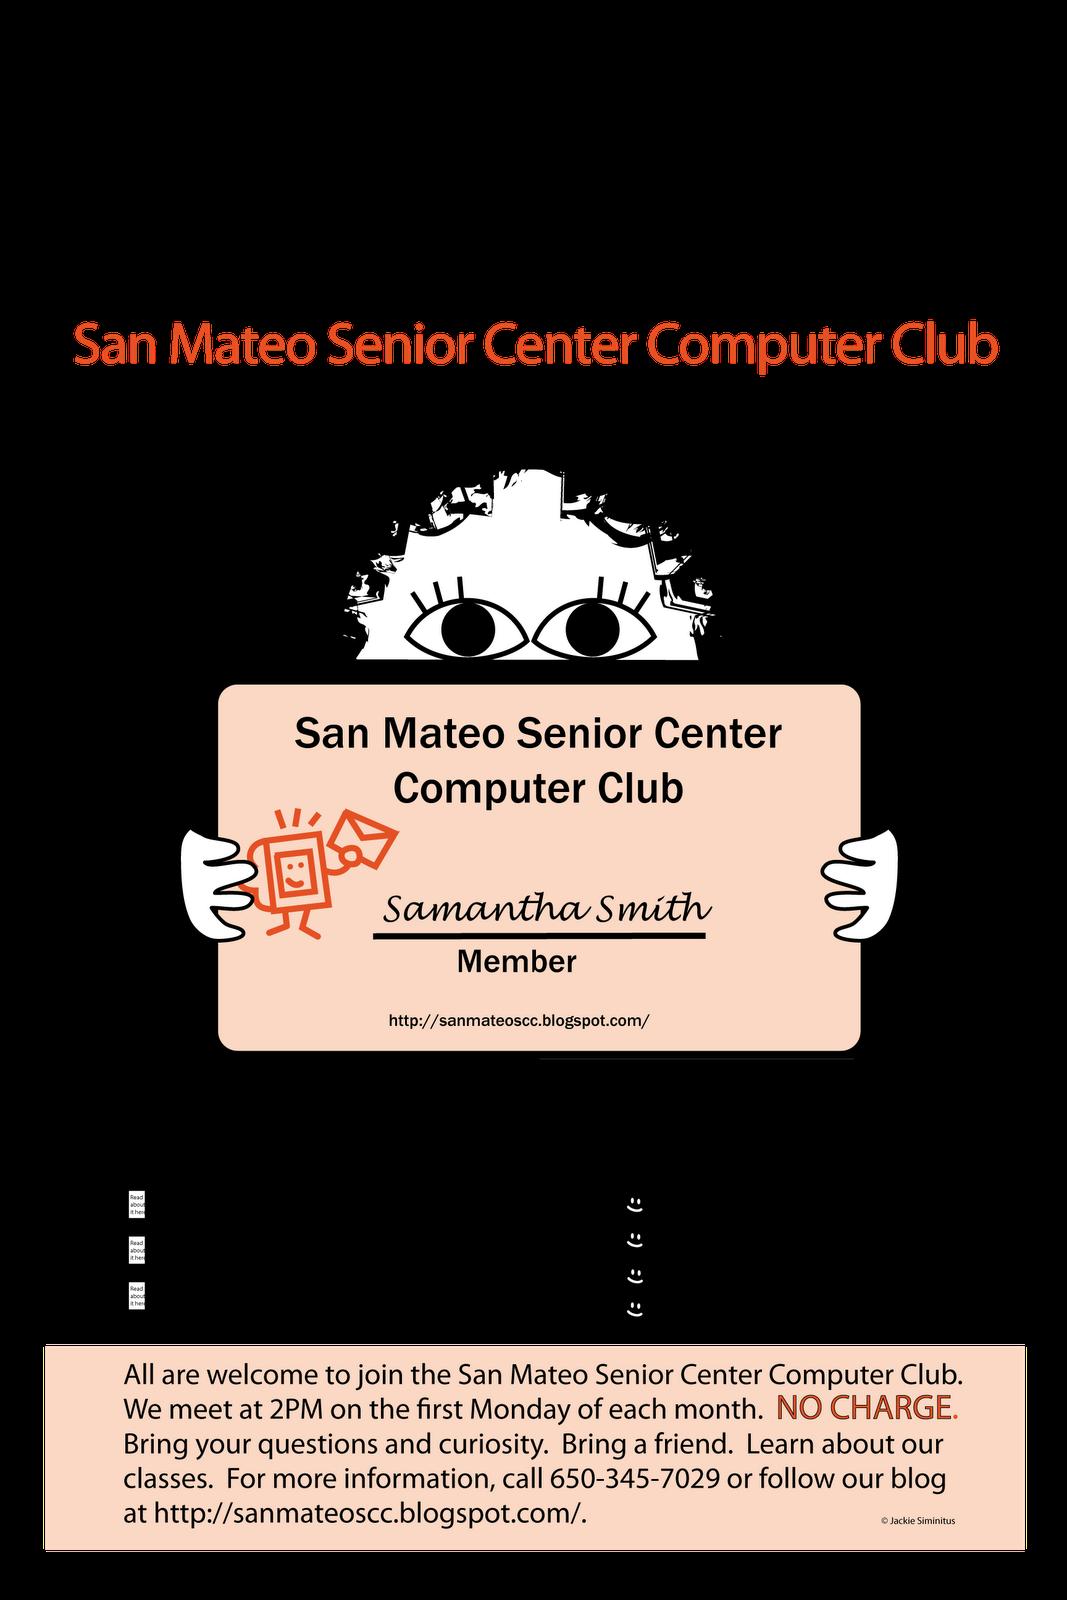 San Mateo Senior Computer Club